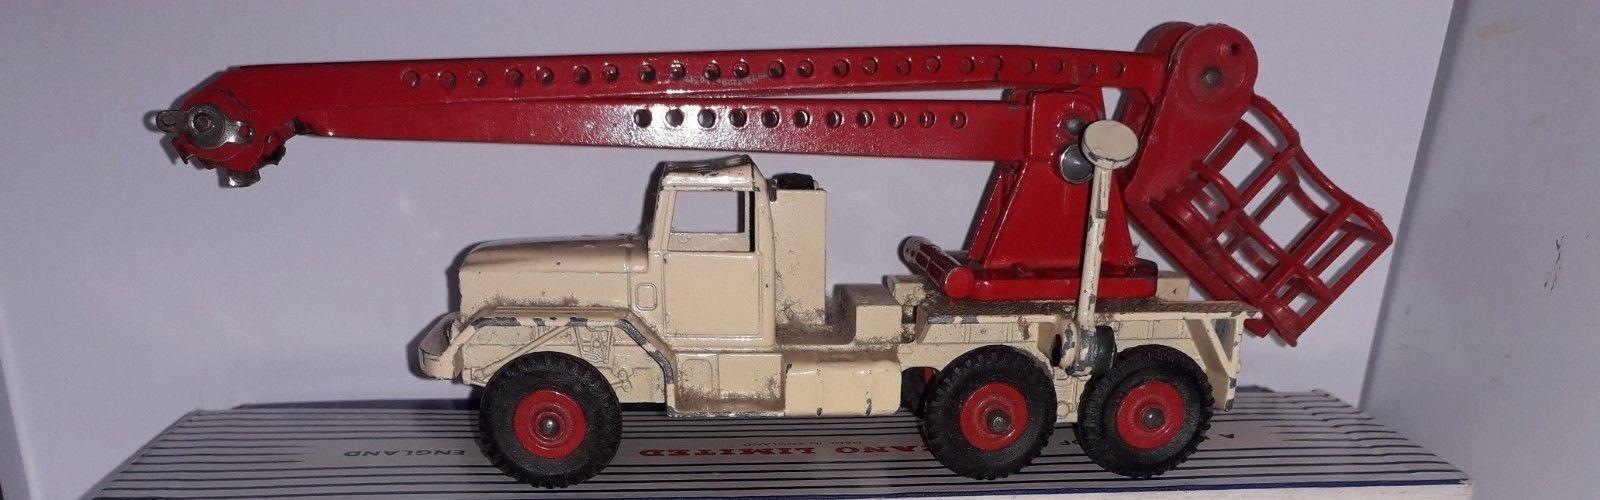 Dinky Juguetes 977 el servicio de restauración de vehículos comerciales plataforma sin caja requerido